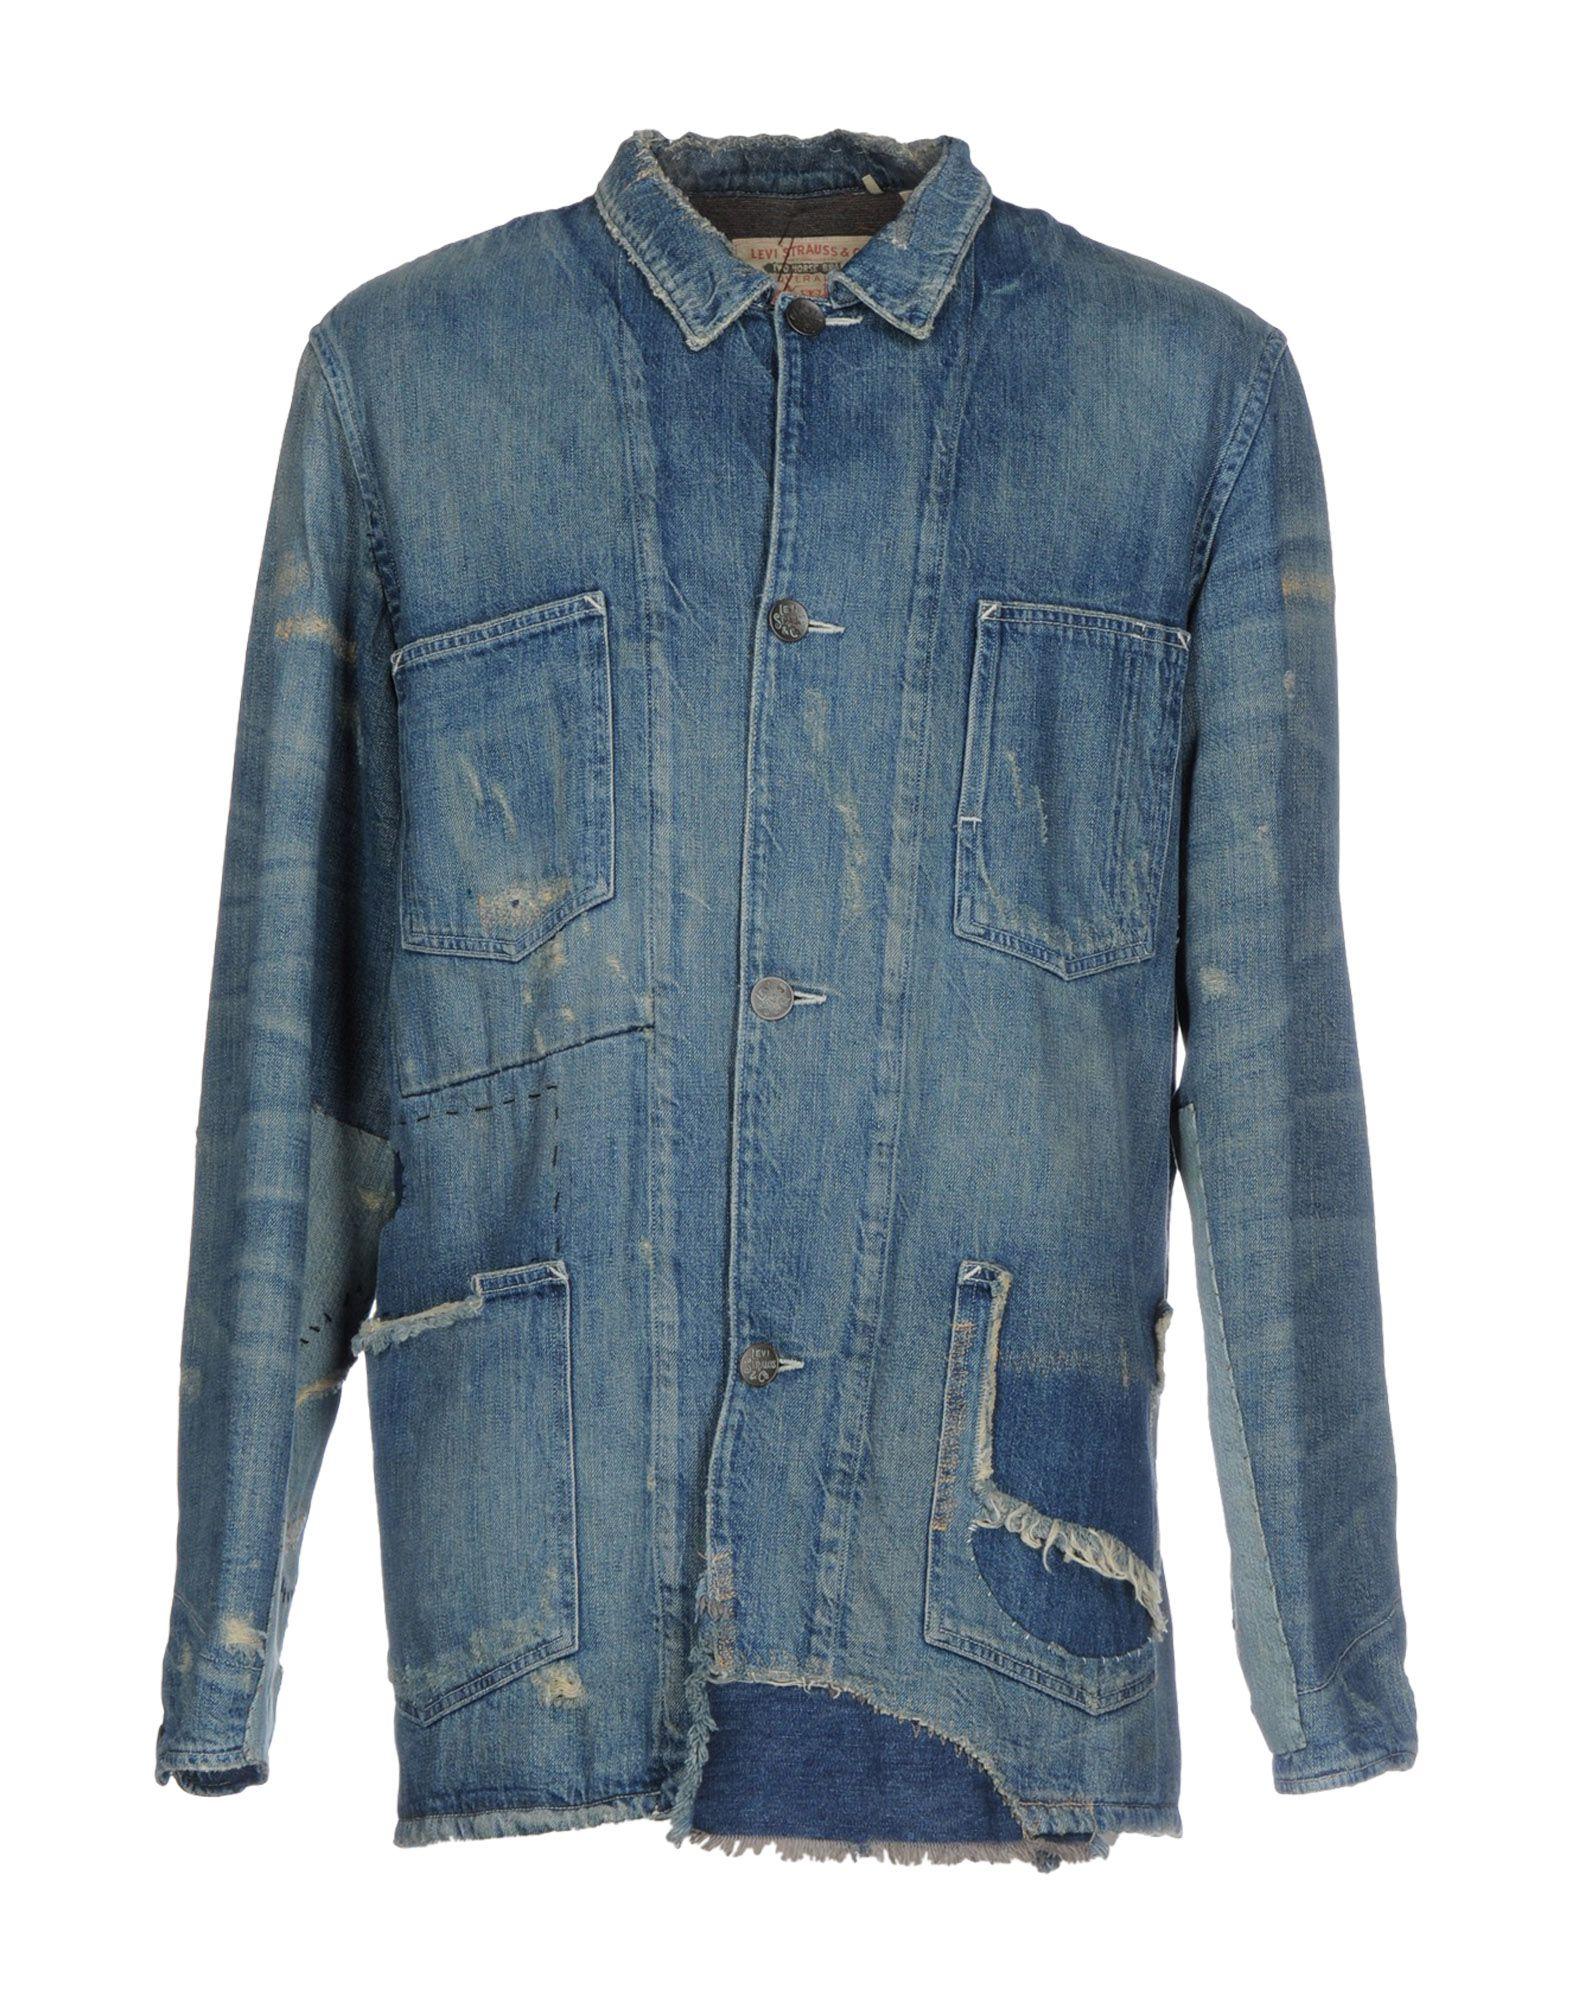 LEVI'S VINTAGE CLOTHING Denim outerwear